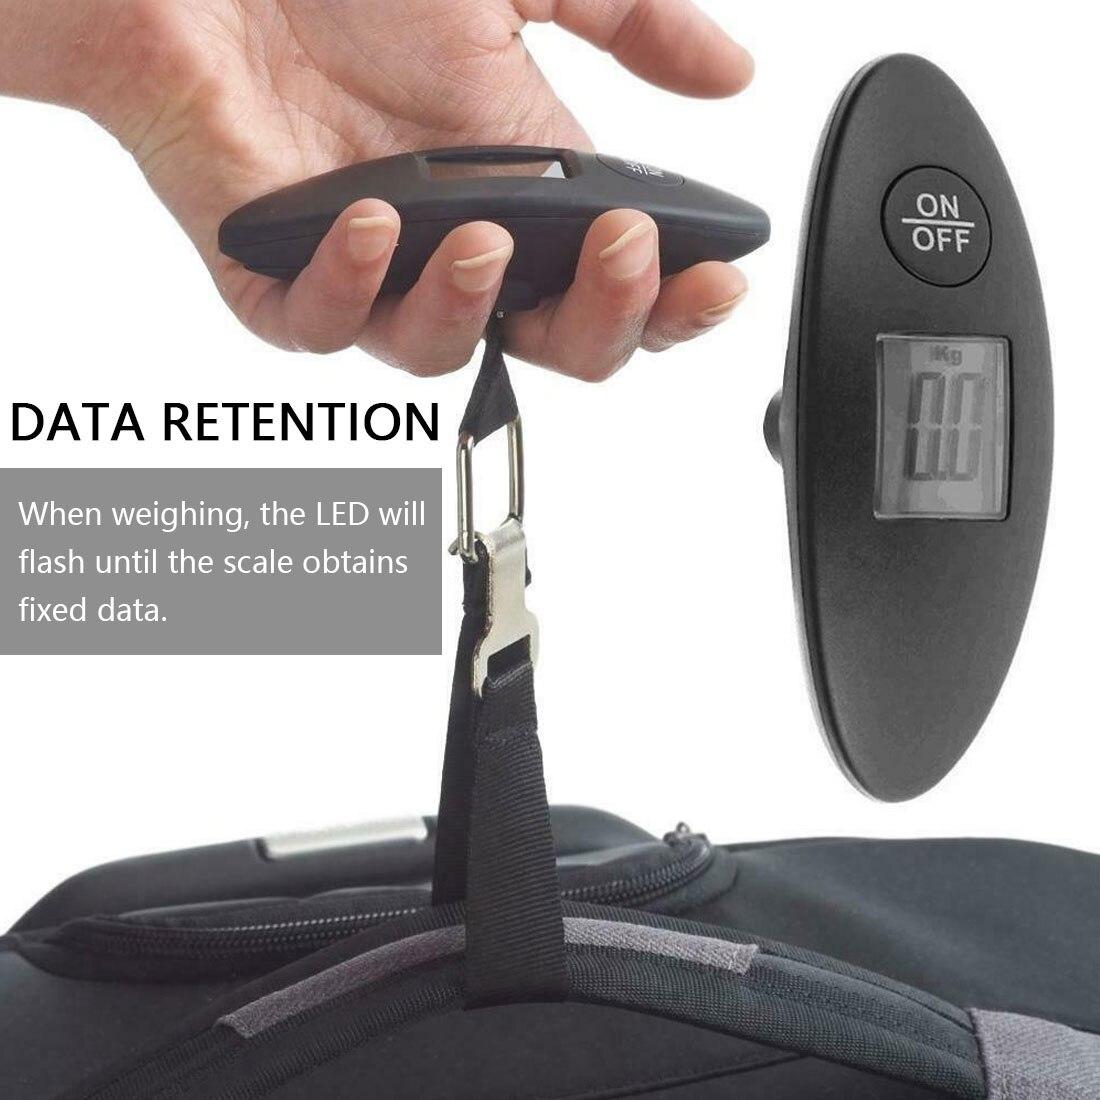 1 шт. 40 кг/100g ЖК-дисплей цифровой электронный Чемодан весы Портативный чемоданов обрабатываются дорожная сумка взвешивания рыболовного крю...